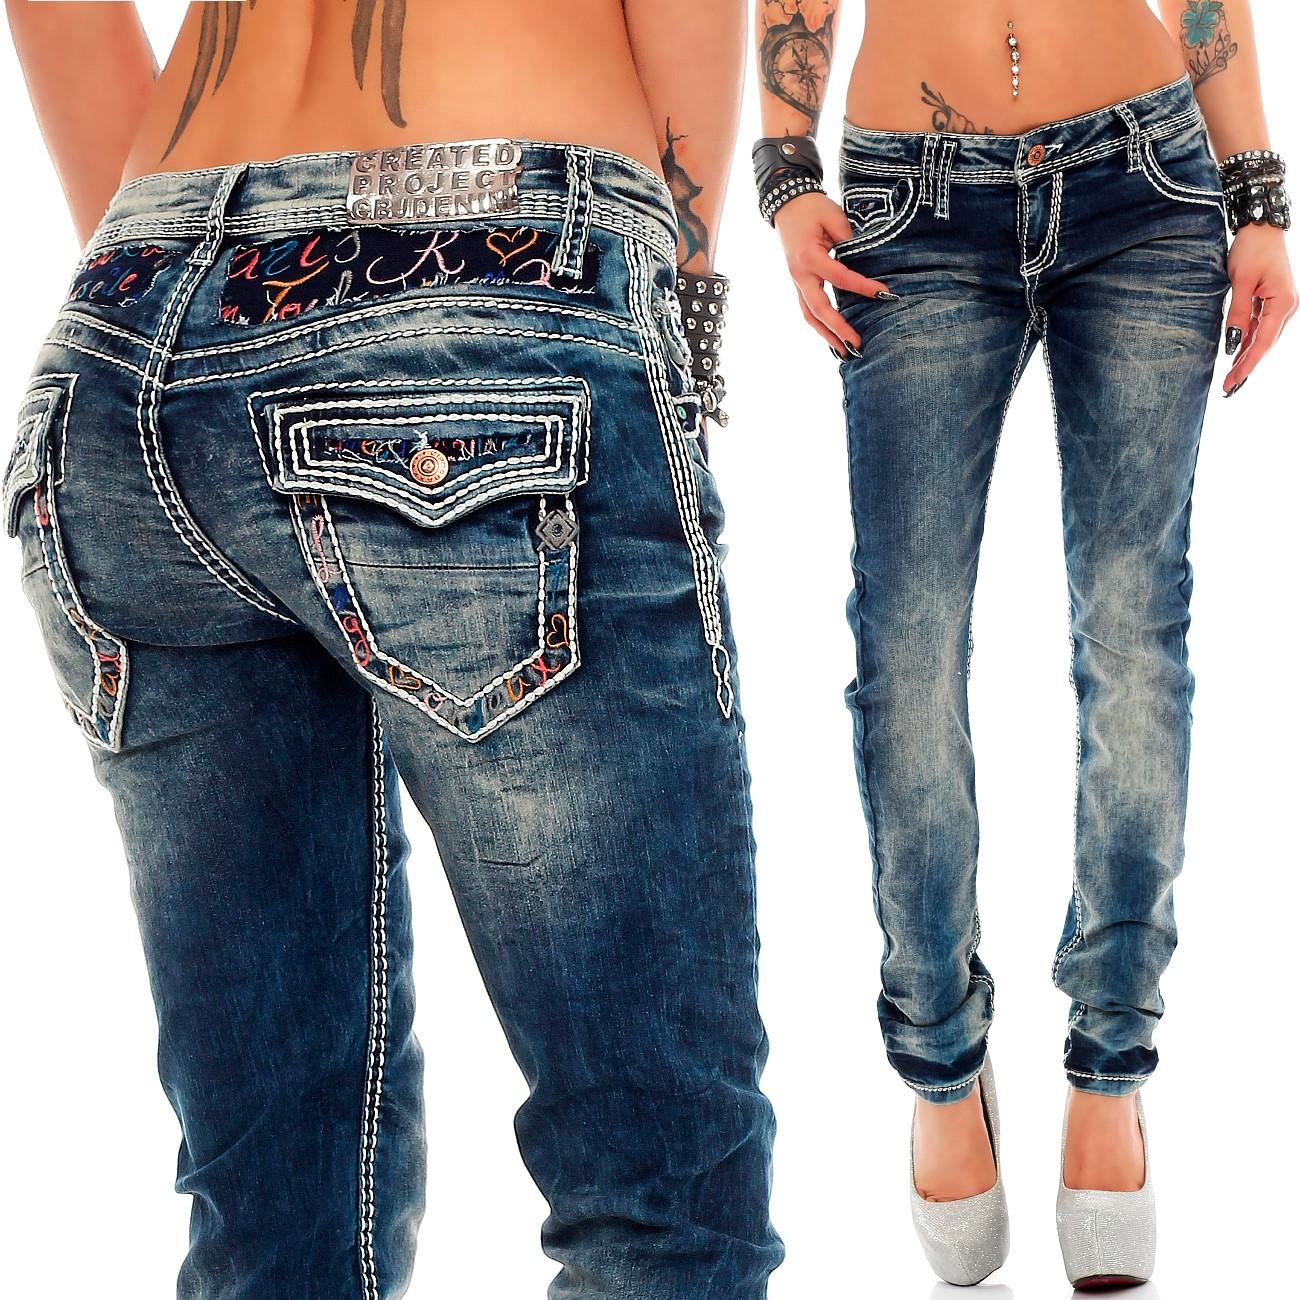 Verschiedene-Cipo-amp-Baxx-Damen-Jeans-Hosen-Slim-Fit-Regular-Fit-Streetwear Indexbild 15